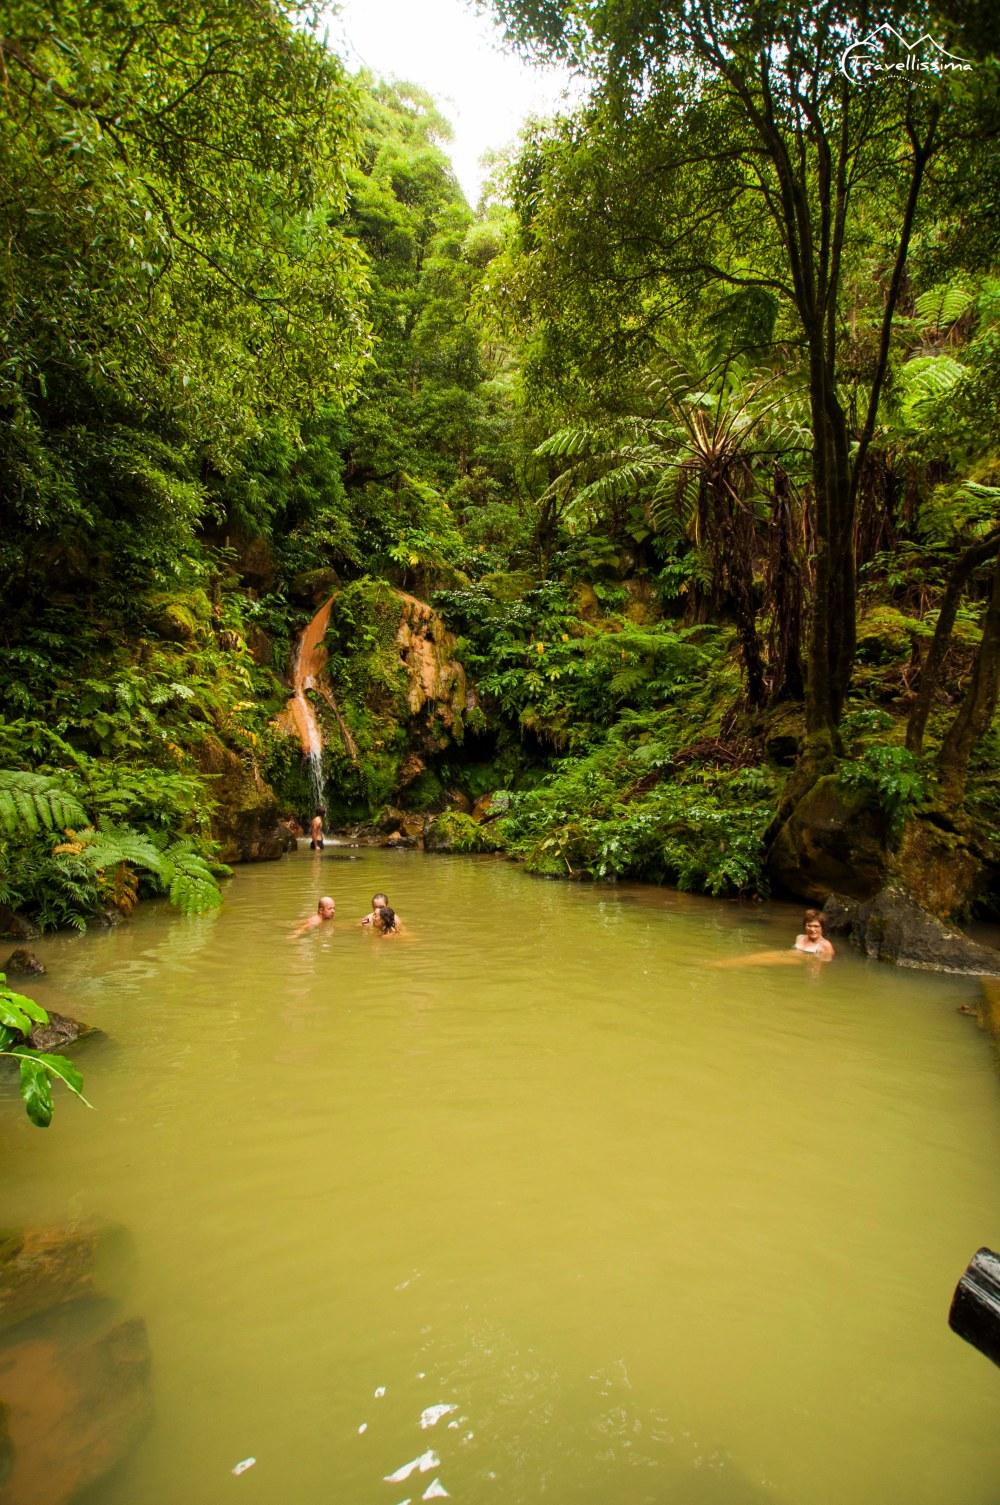 Azores_Anna_Kedzierska_Travellissima-0270